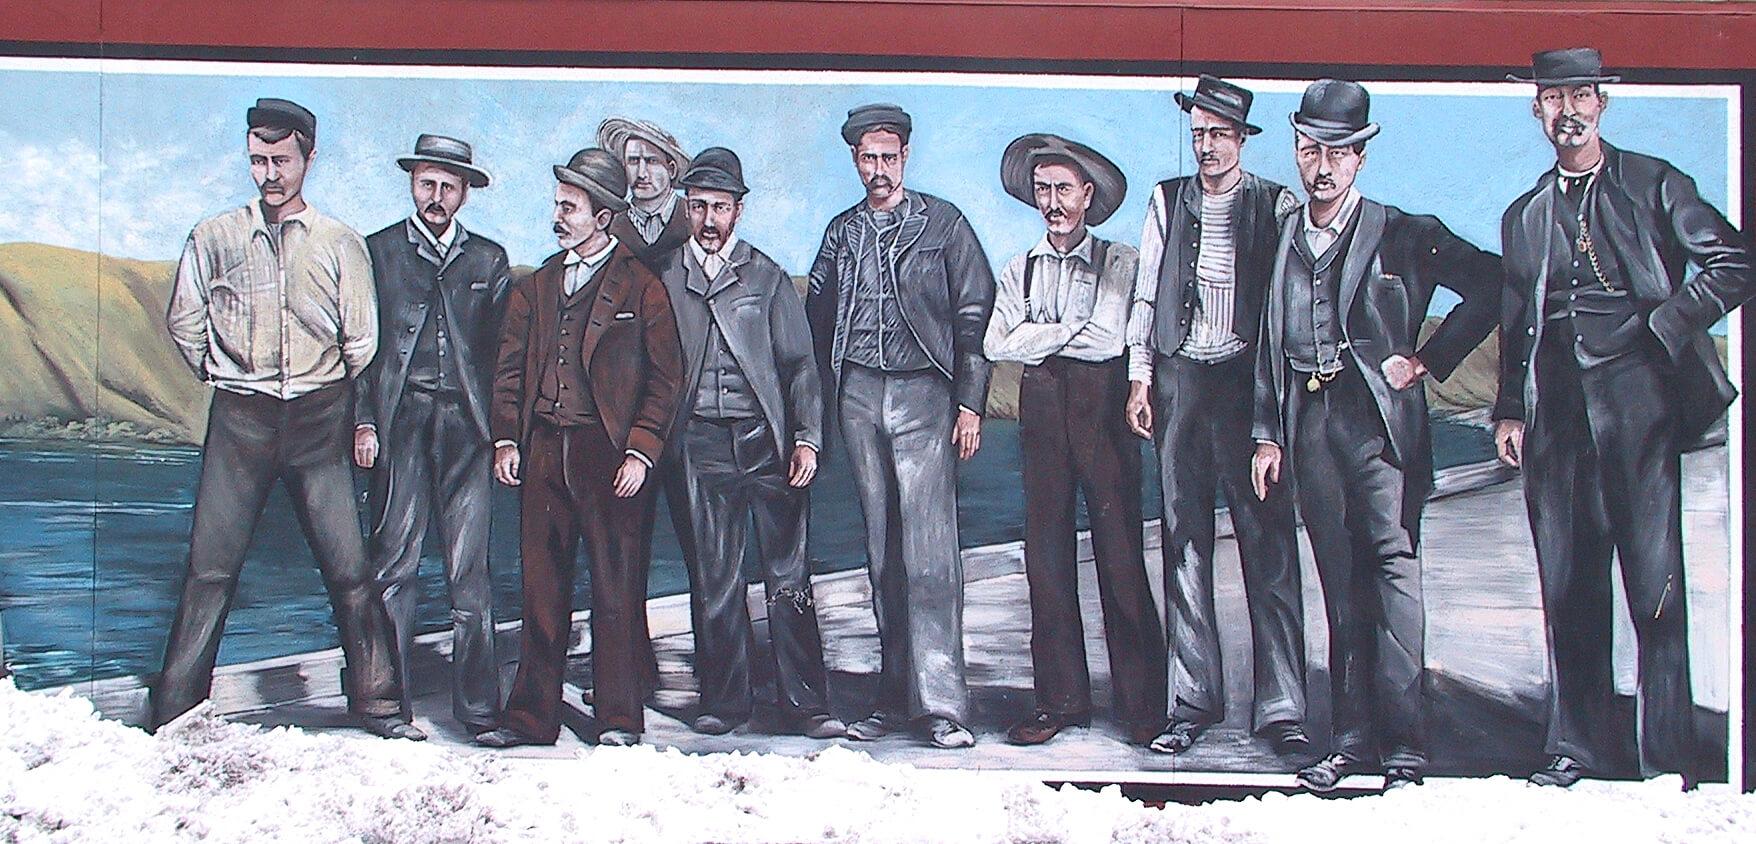 Crew of the S.S. Penticton